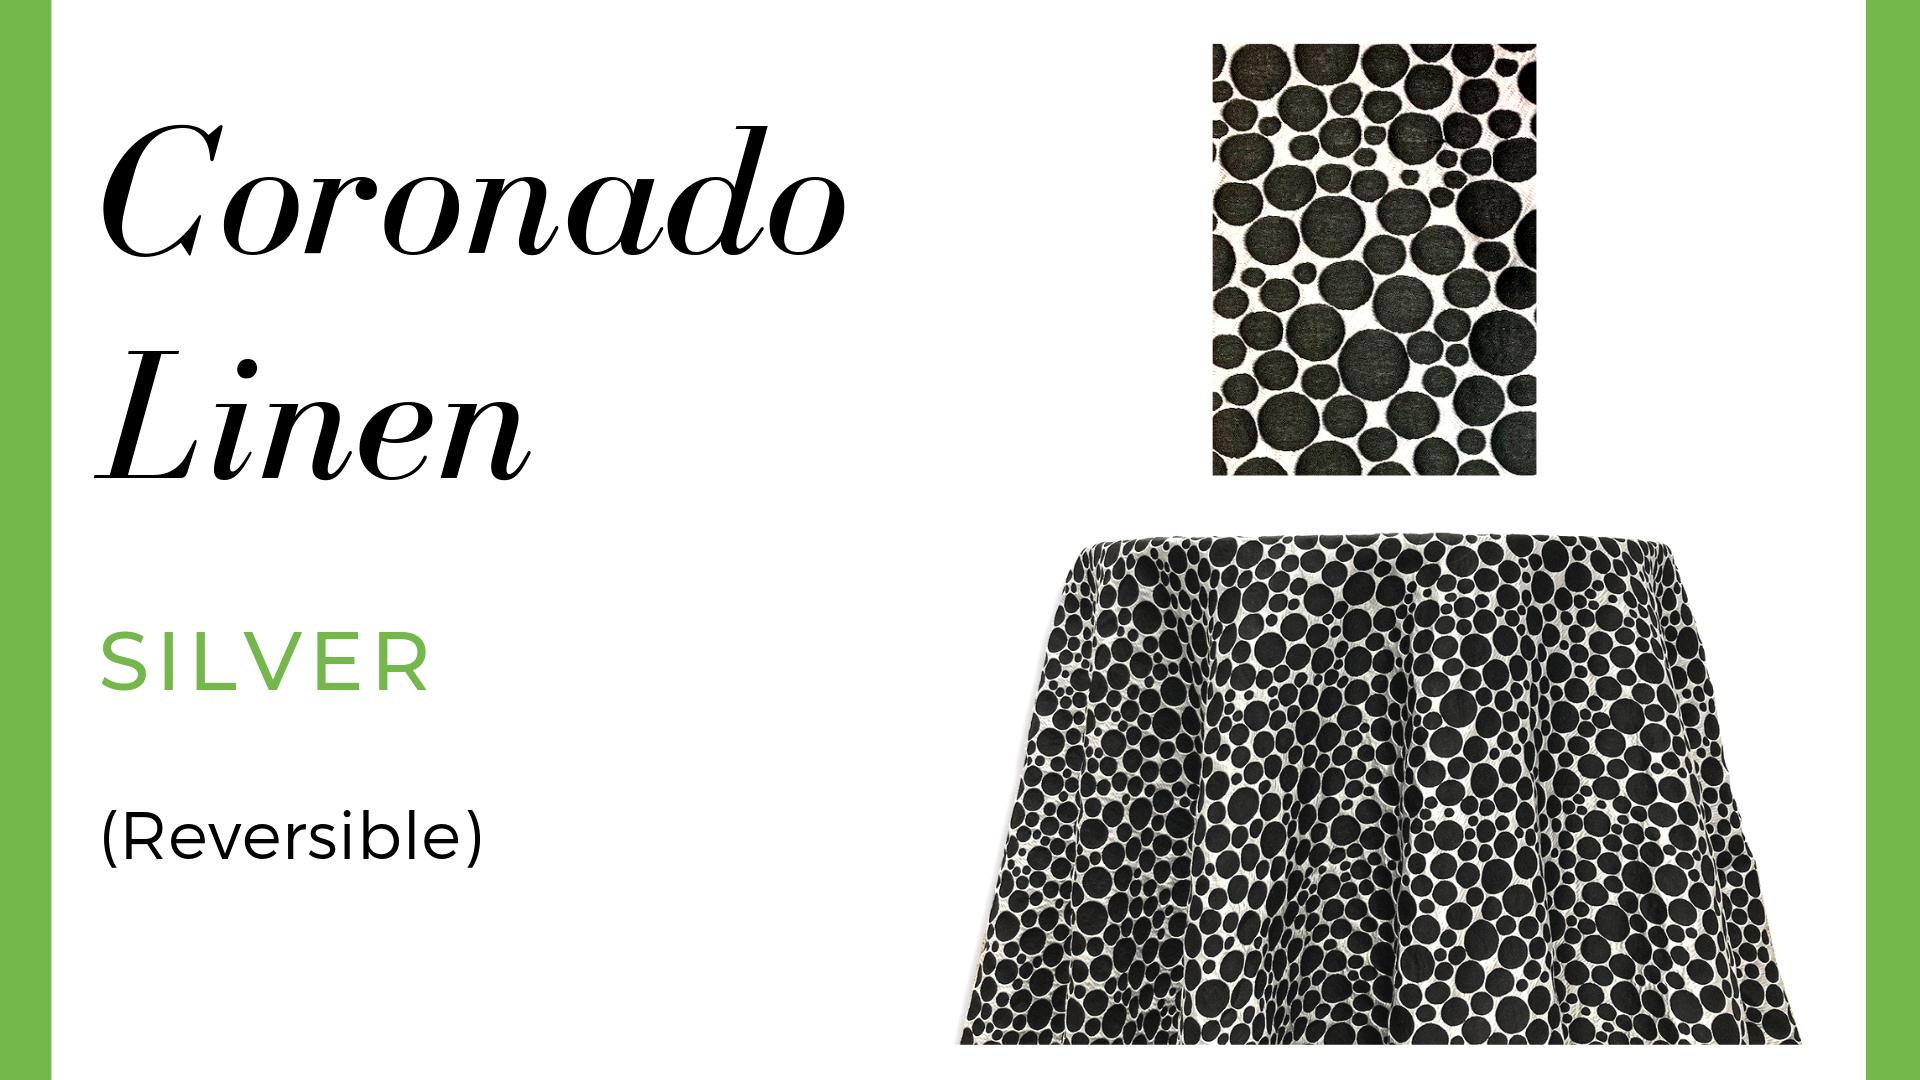 Coronado Linen - Silver